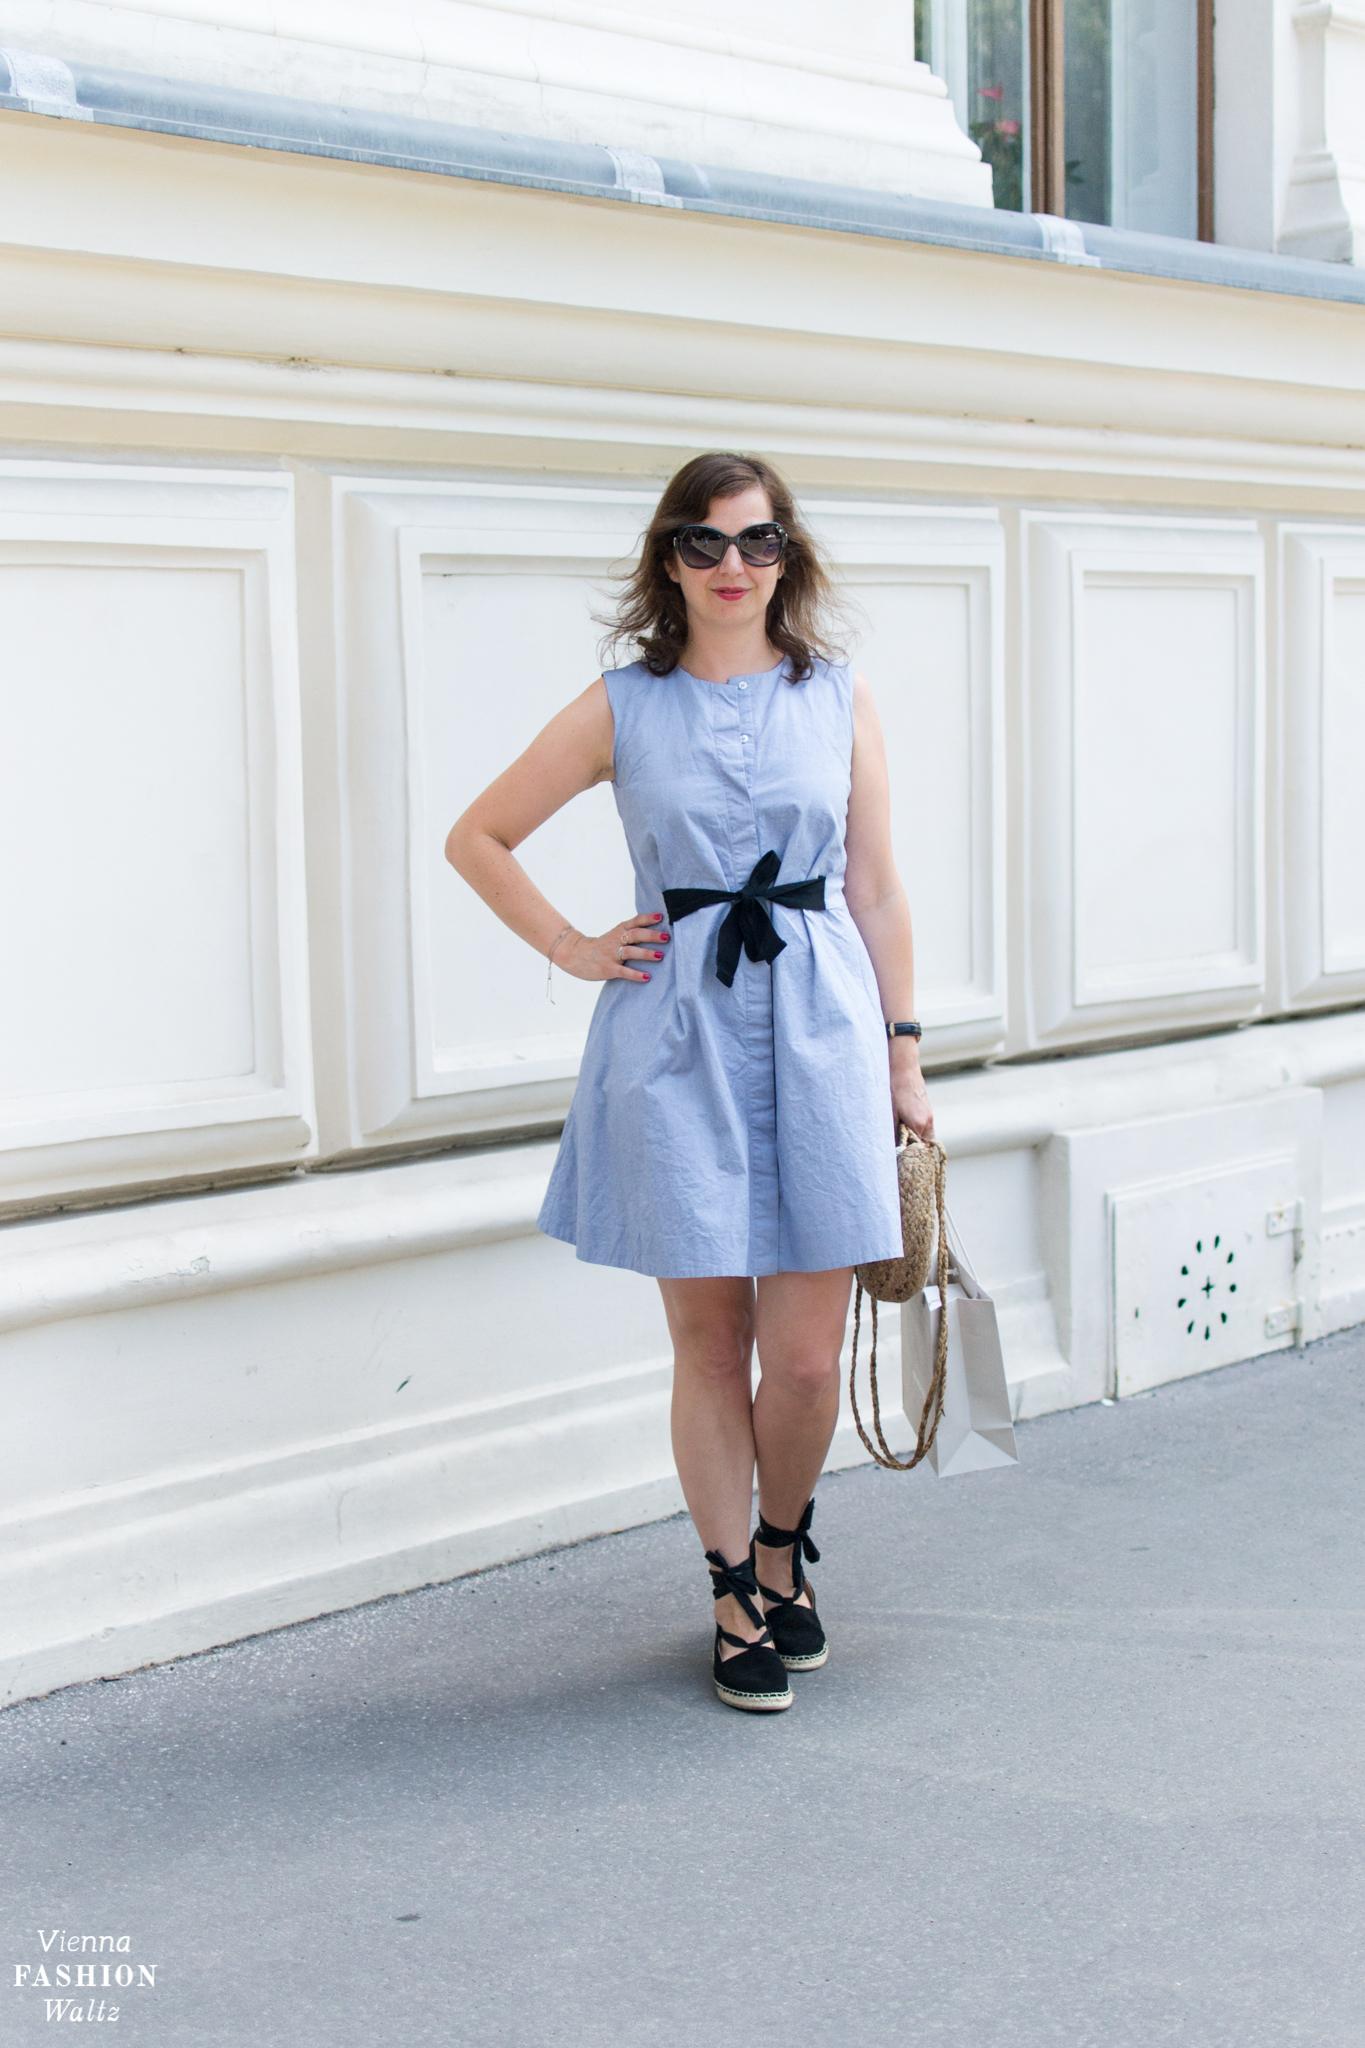 Hellblaues &Other Stories Kleid mit schwarzer Schleife & Swarovski Brille Vienna Fashion Waltz